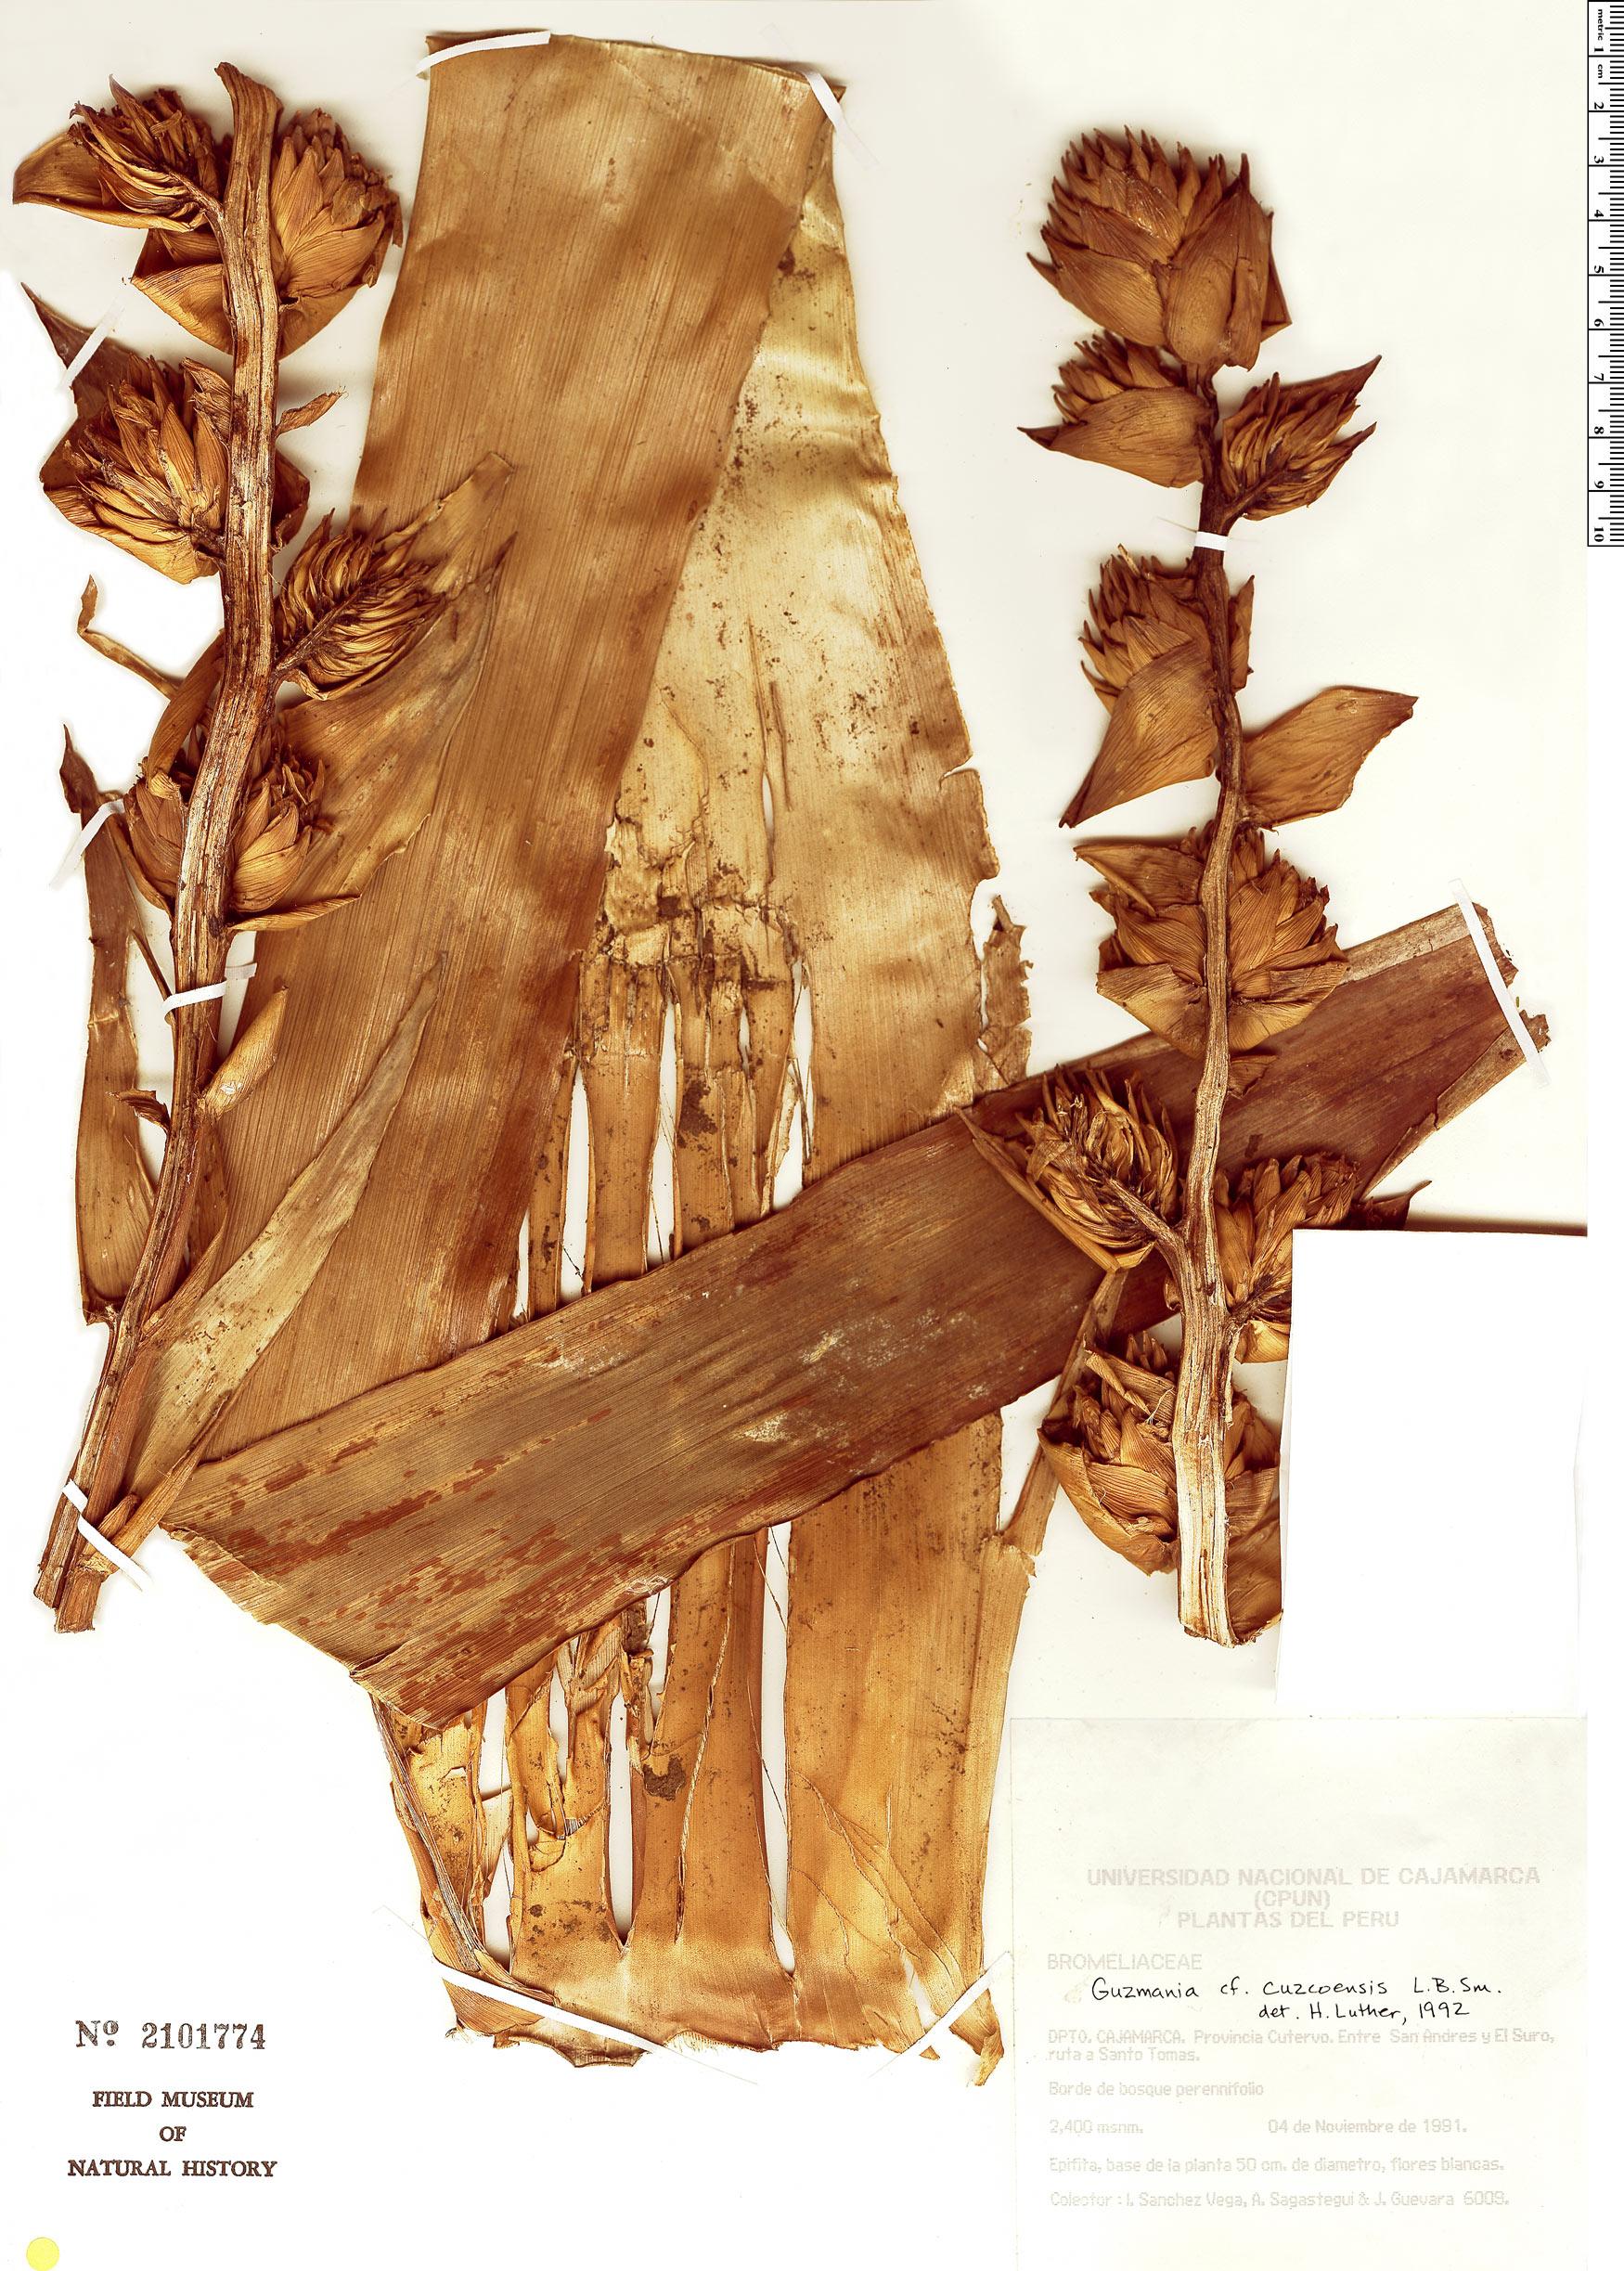 Specimen: Guzmania cuzcoensis